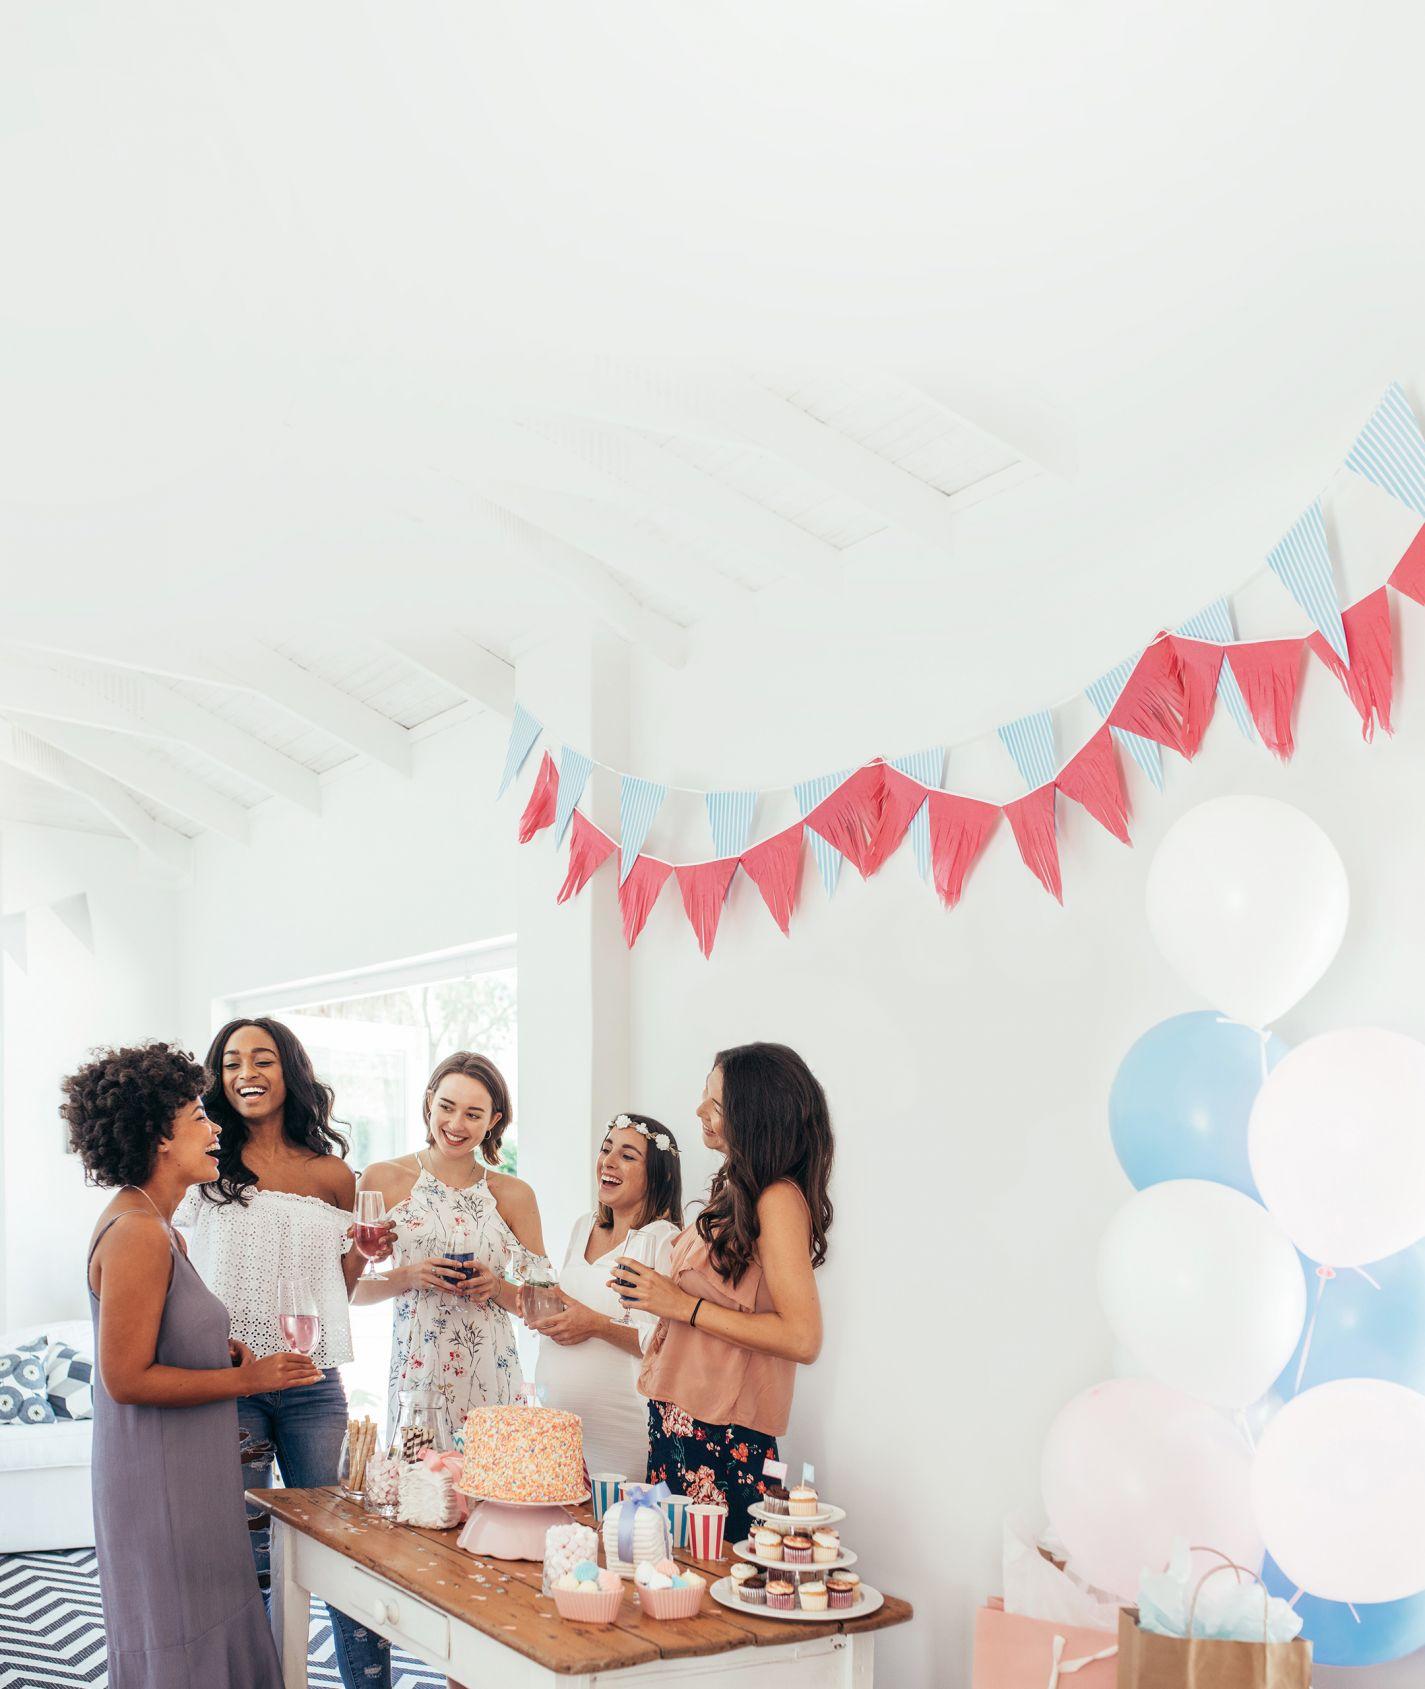 Eine Gruppe junger Frauen stehen um einen Geburtstagstisch herum und lachen